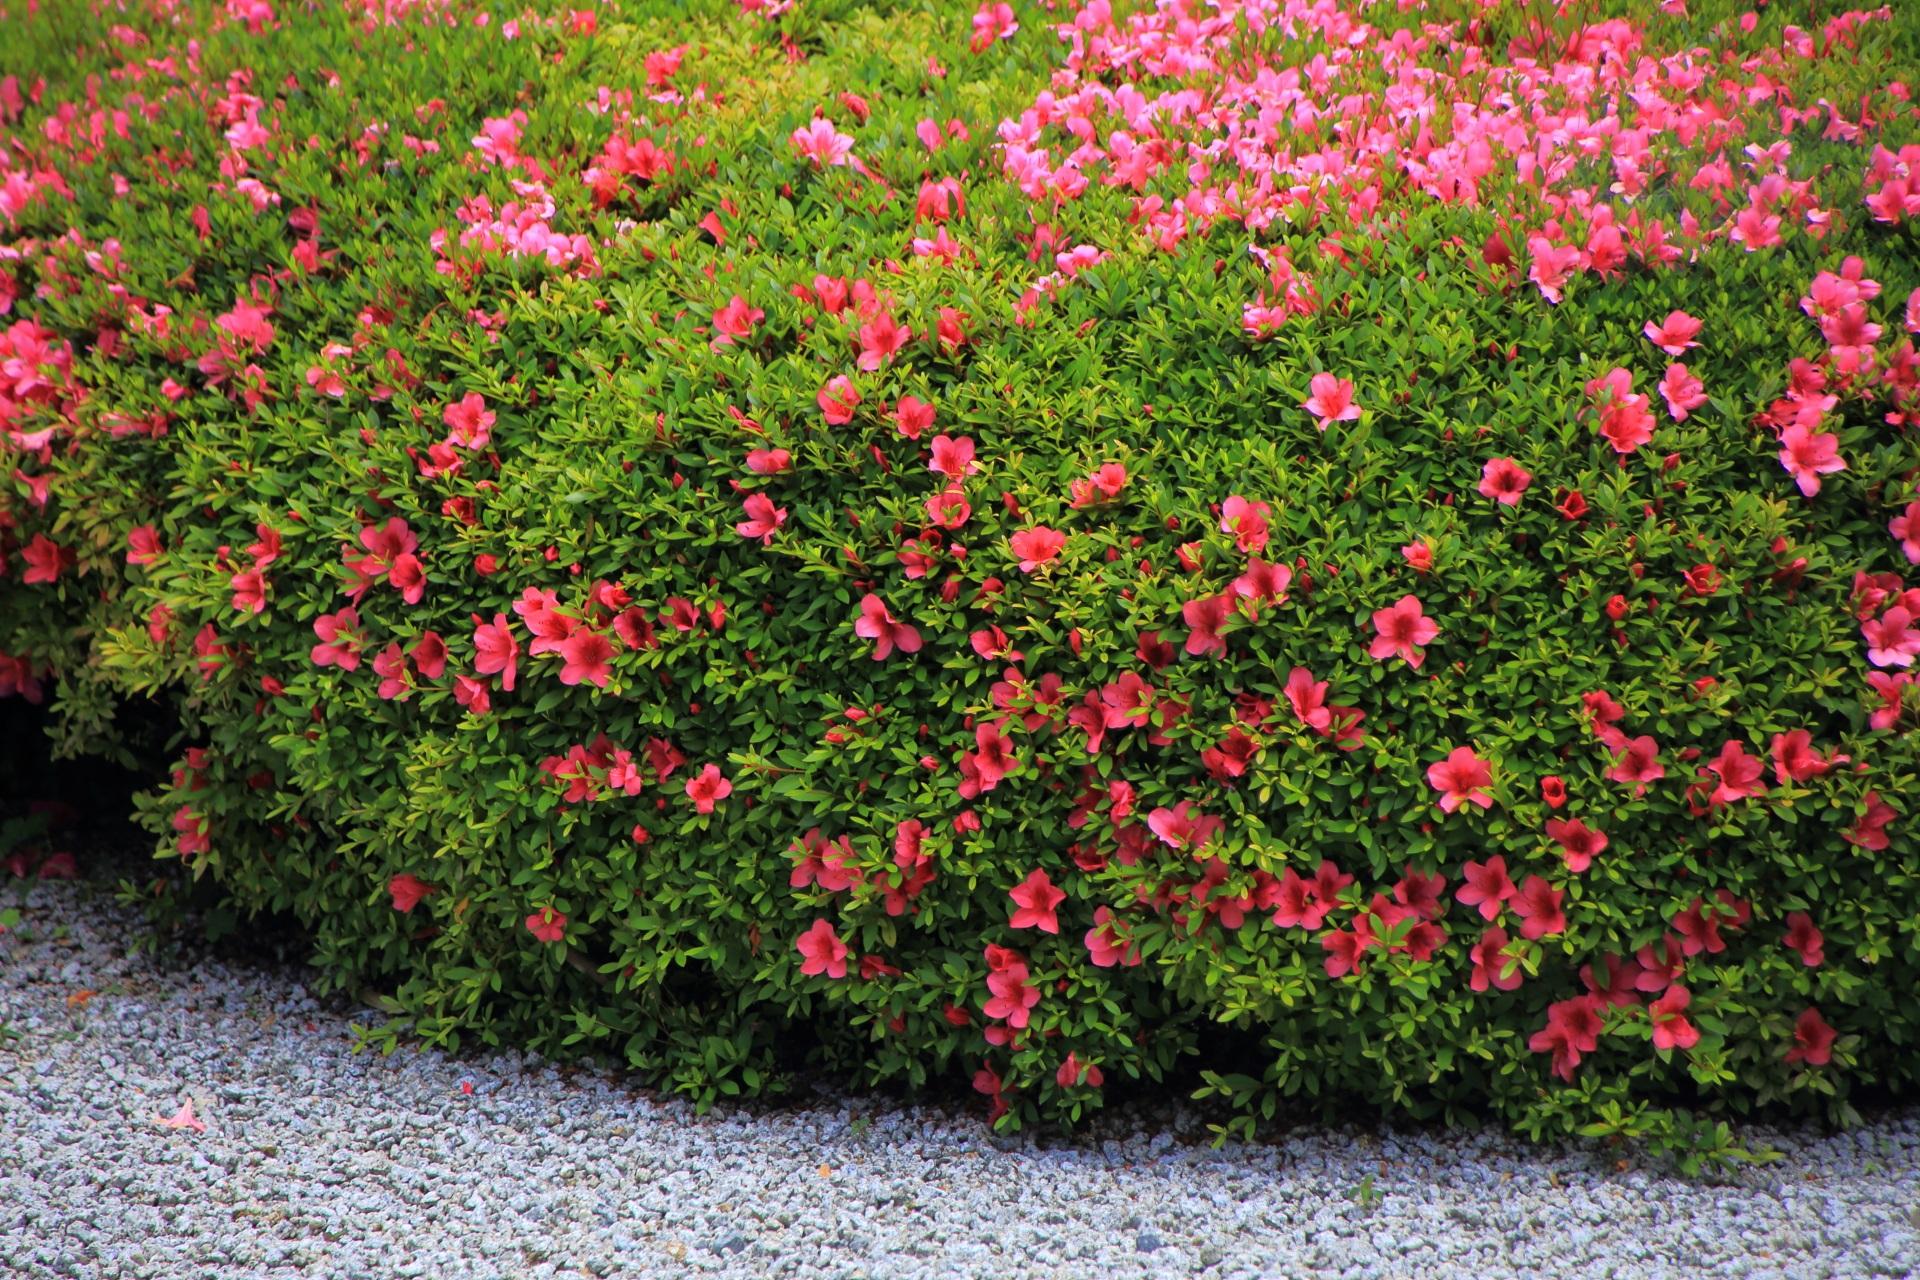 白砂と淡い緑に映える華やかなピンクのサツキ